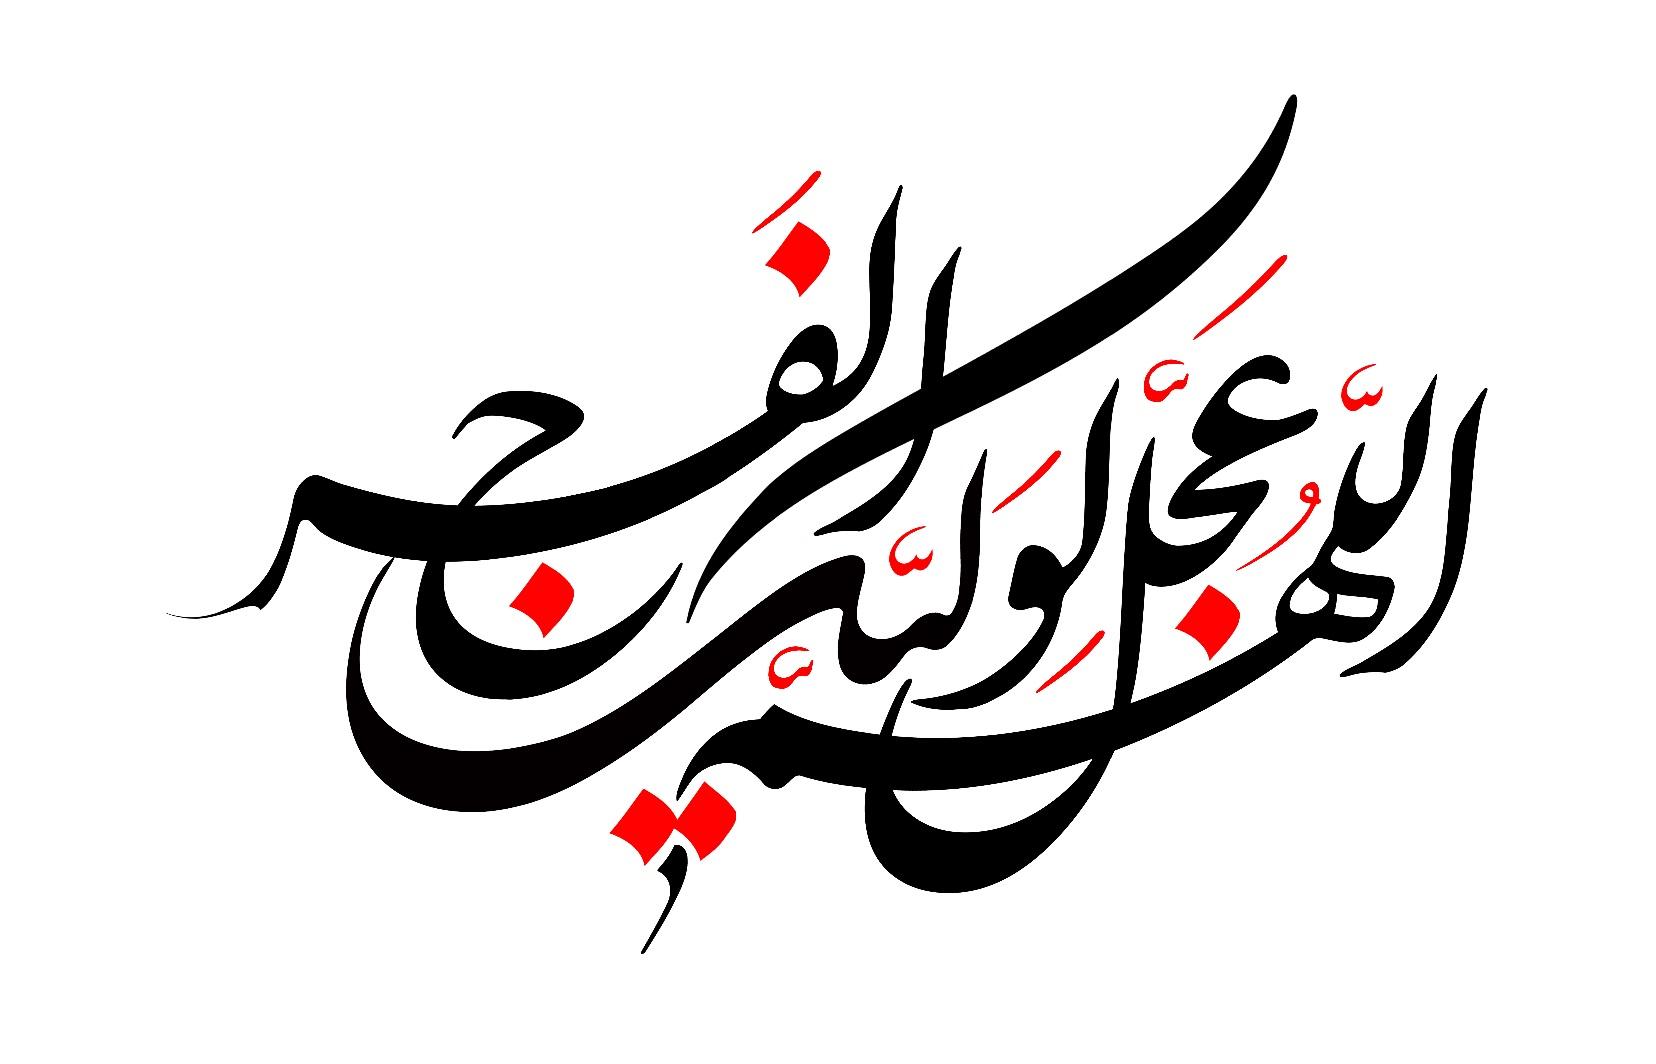 رسول علی بابایی